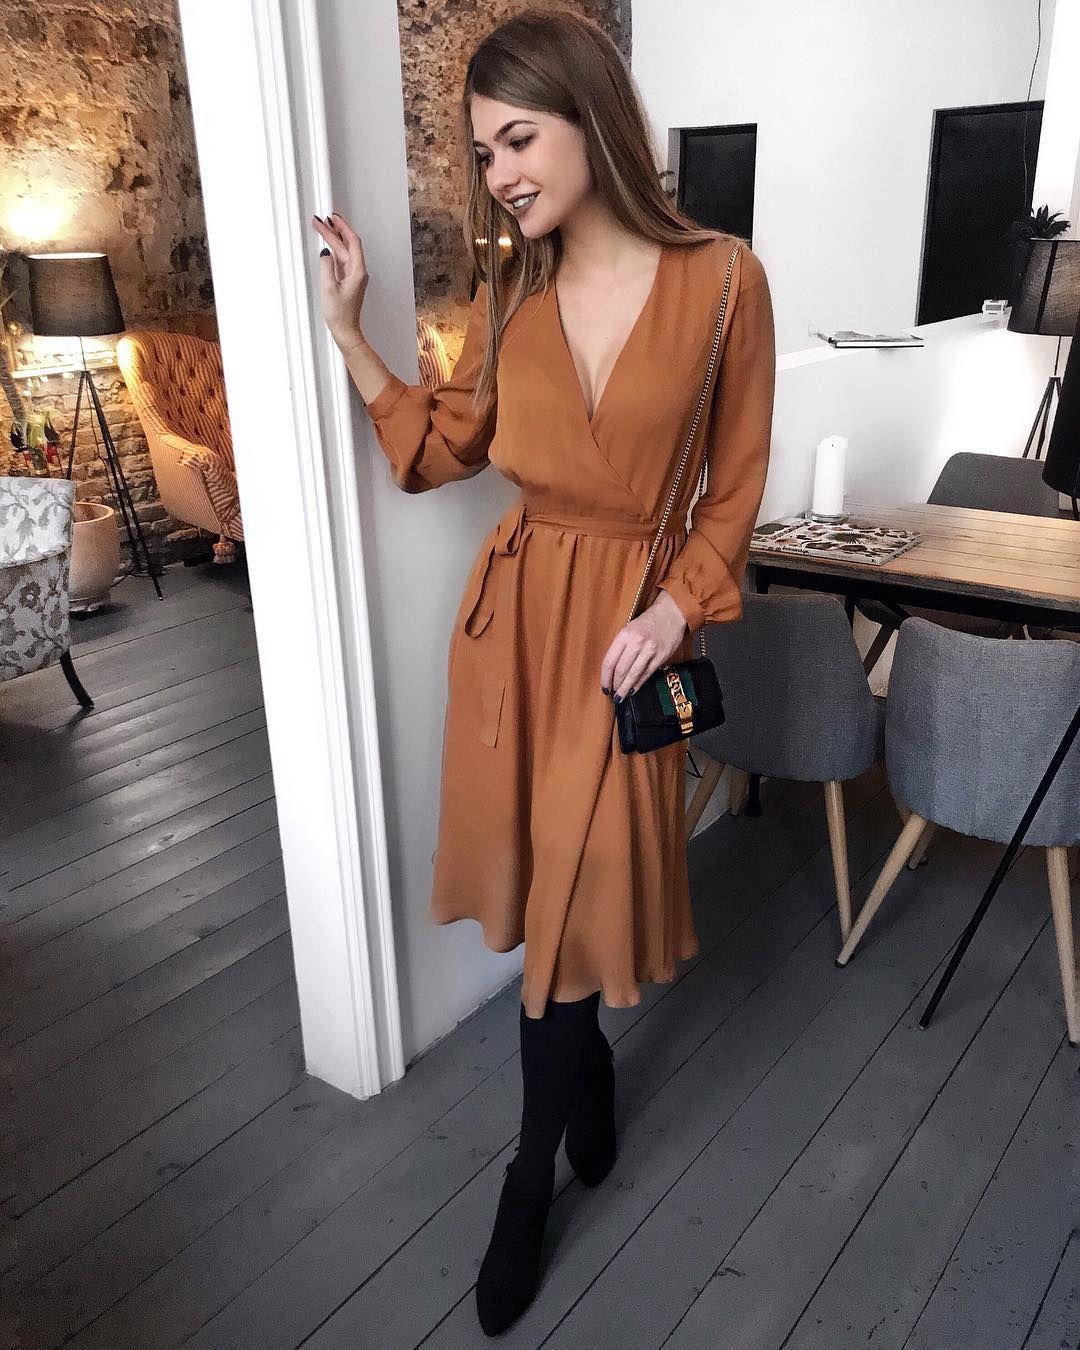 vestidos elegantes para oficina 2019 - 2020